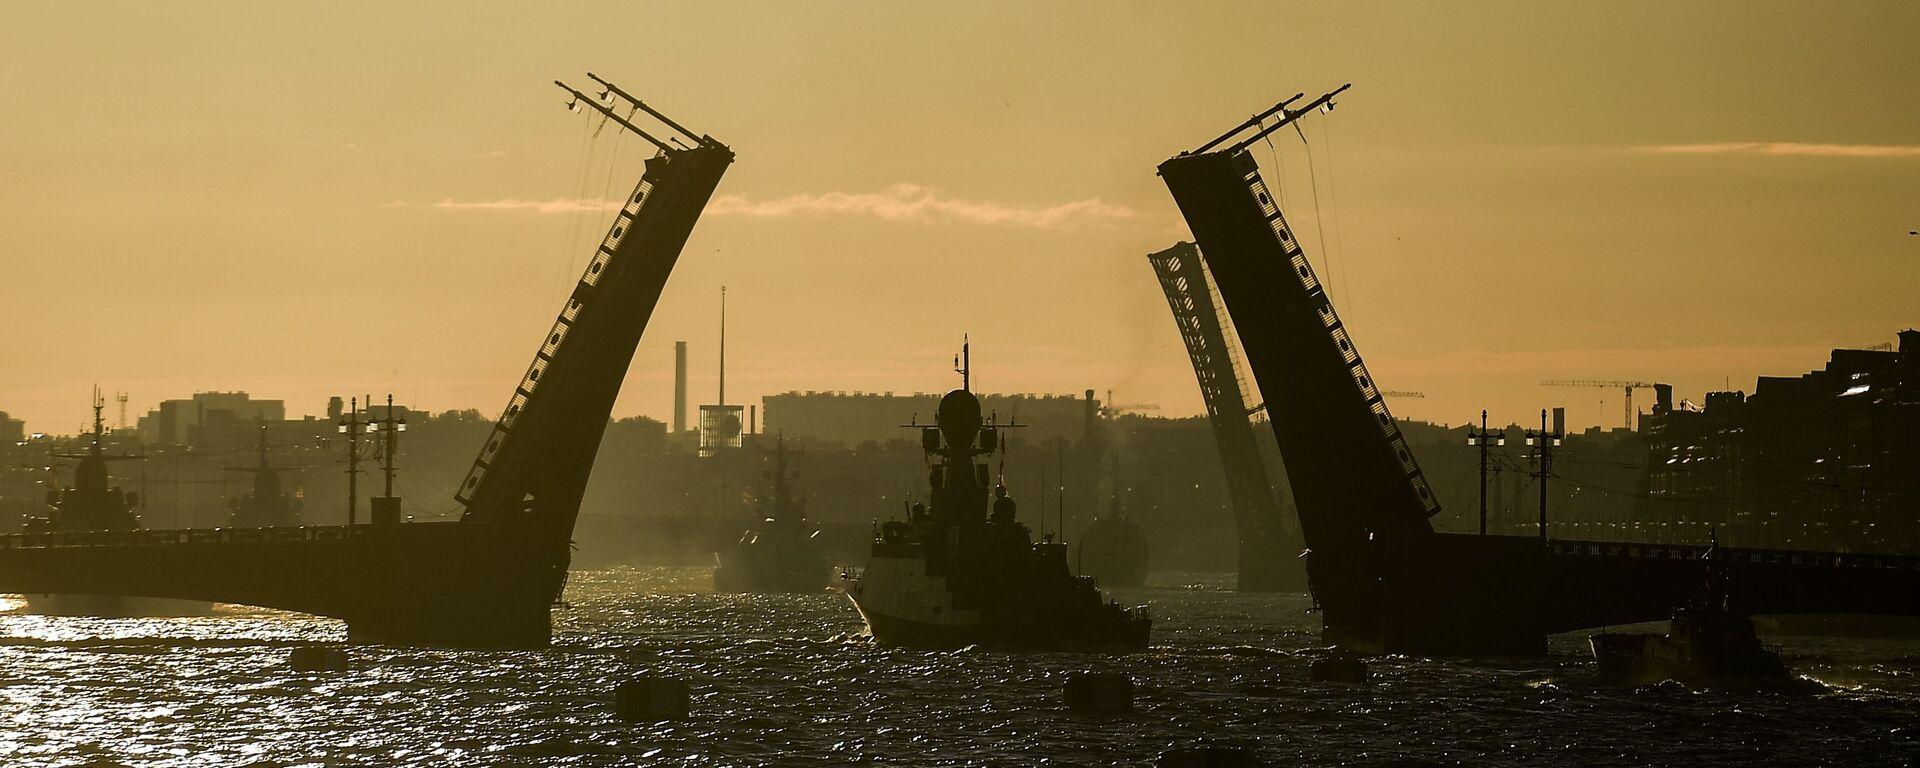 Бродови поморске флоте Русије на проби параде за Дан руске морнарице у Санкт Петербургу - Sputnik Србија, 1920, 18.07.2021